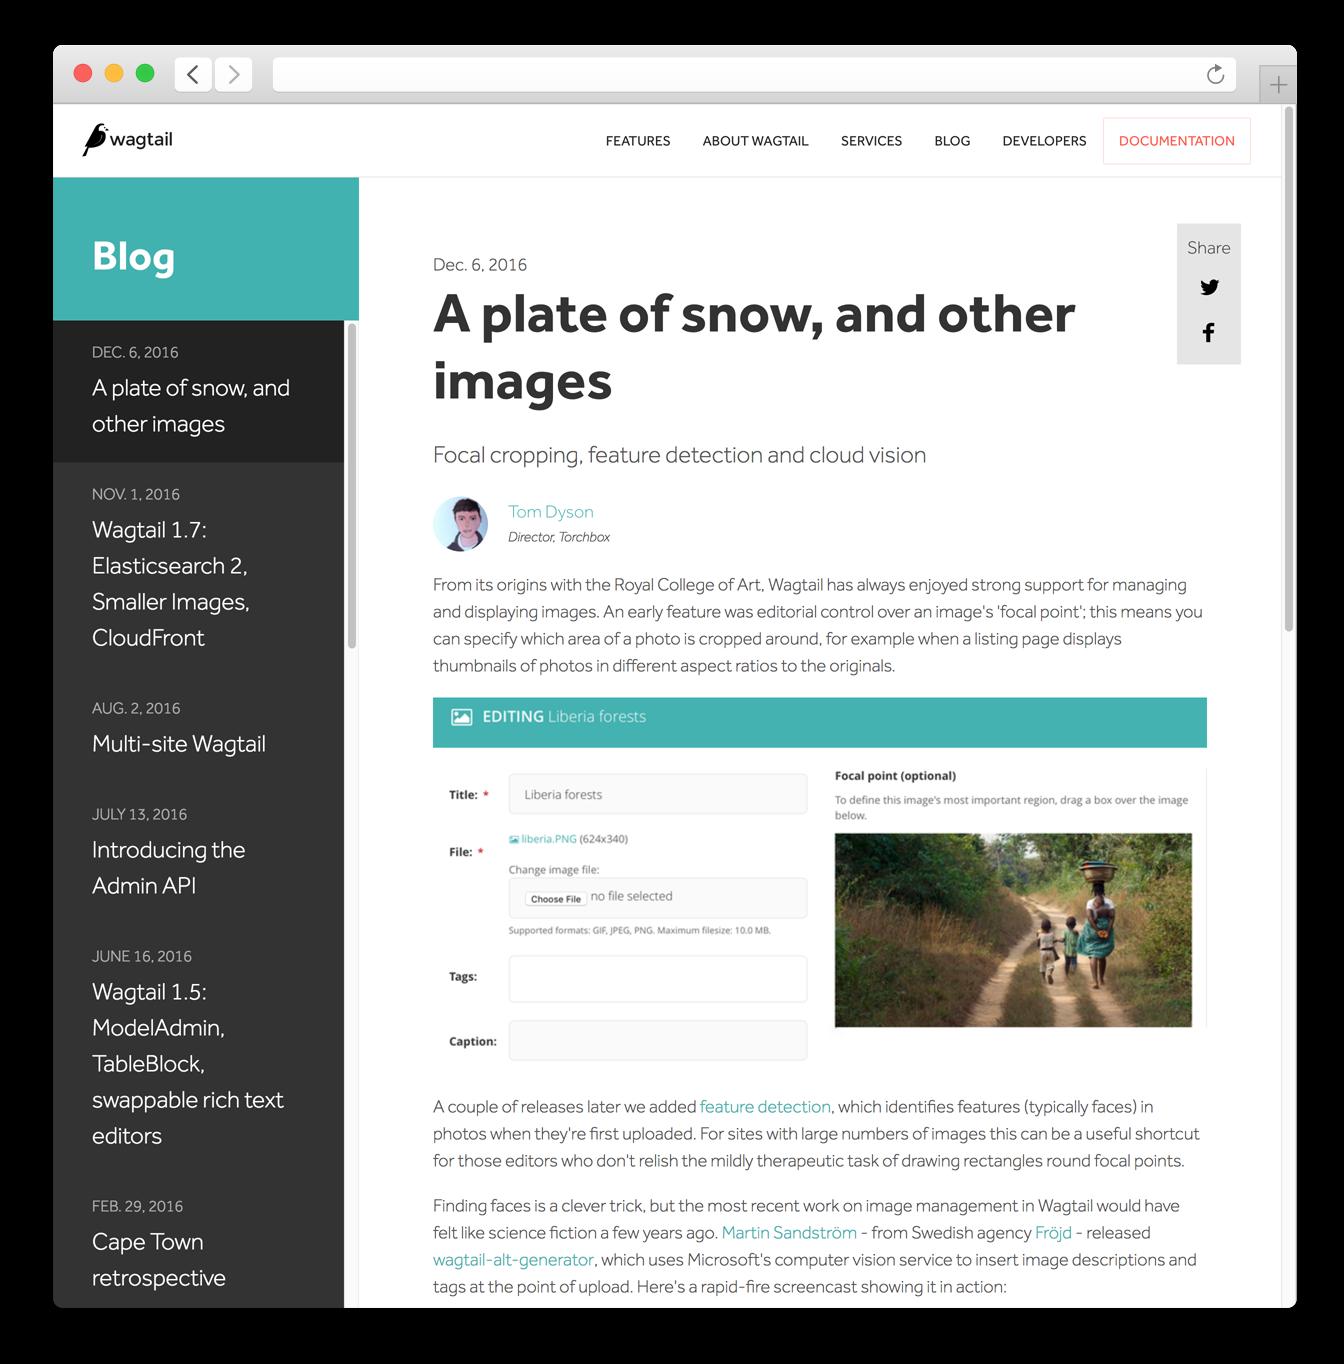 Wagtail blog